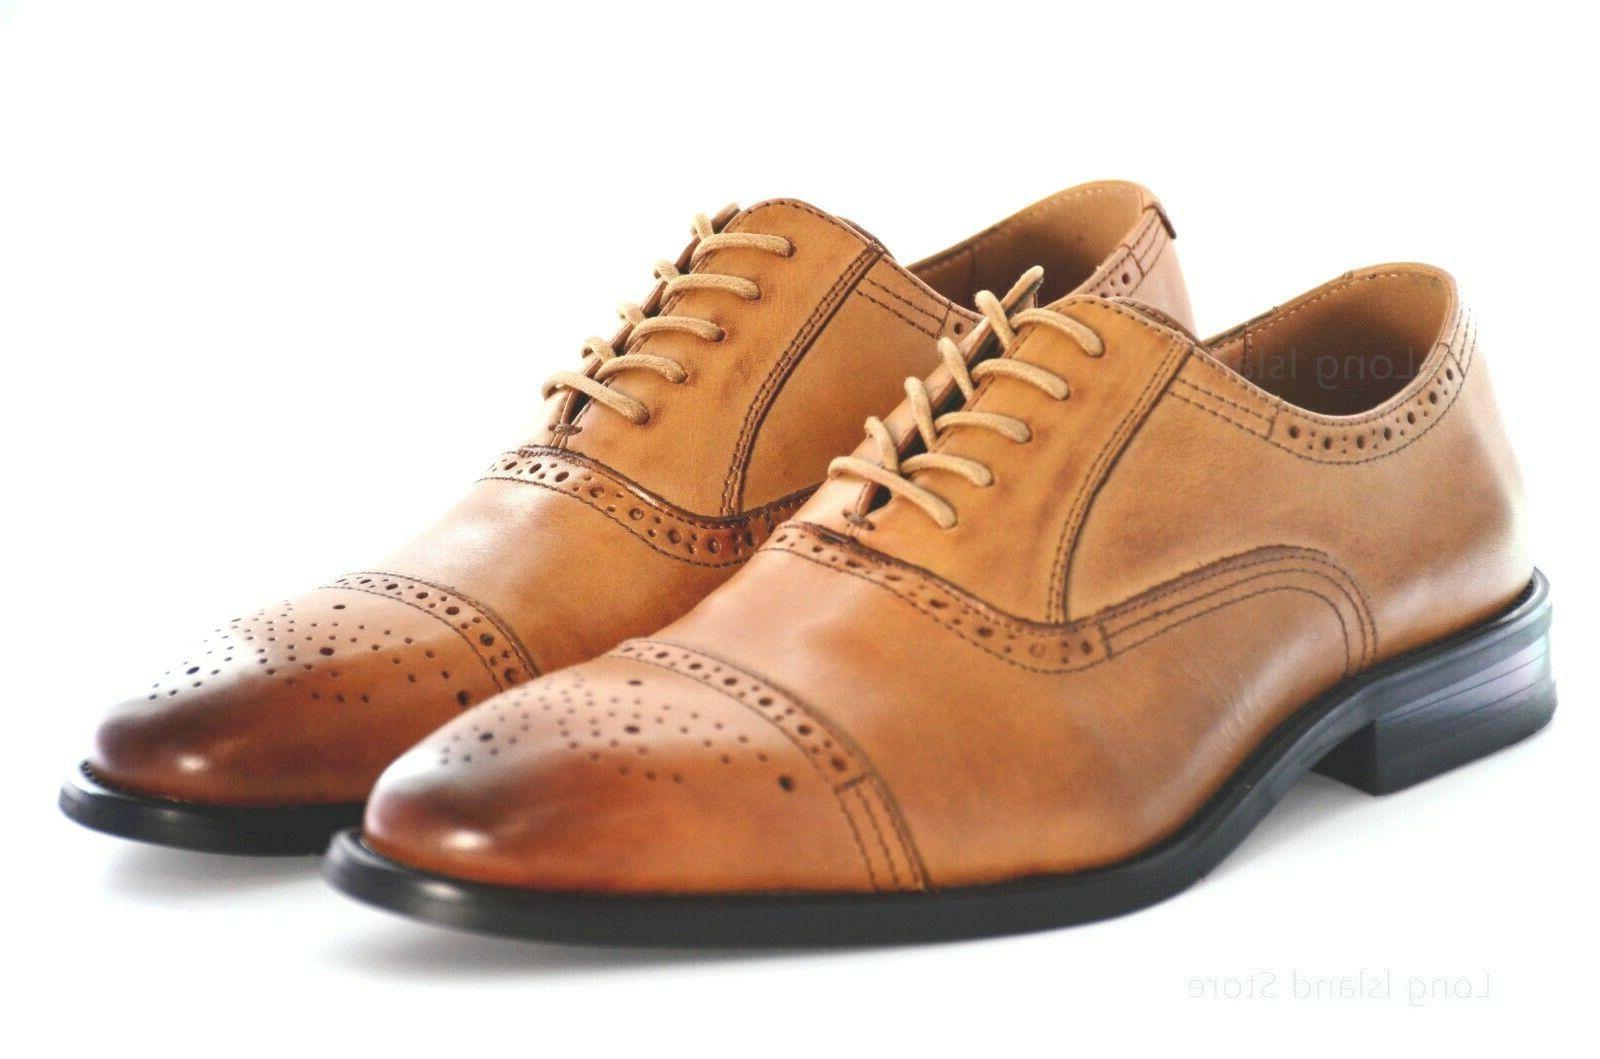 LA MILANO Men's Dress Shoes  Genuine Leather, Oxford Lace Up